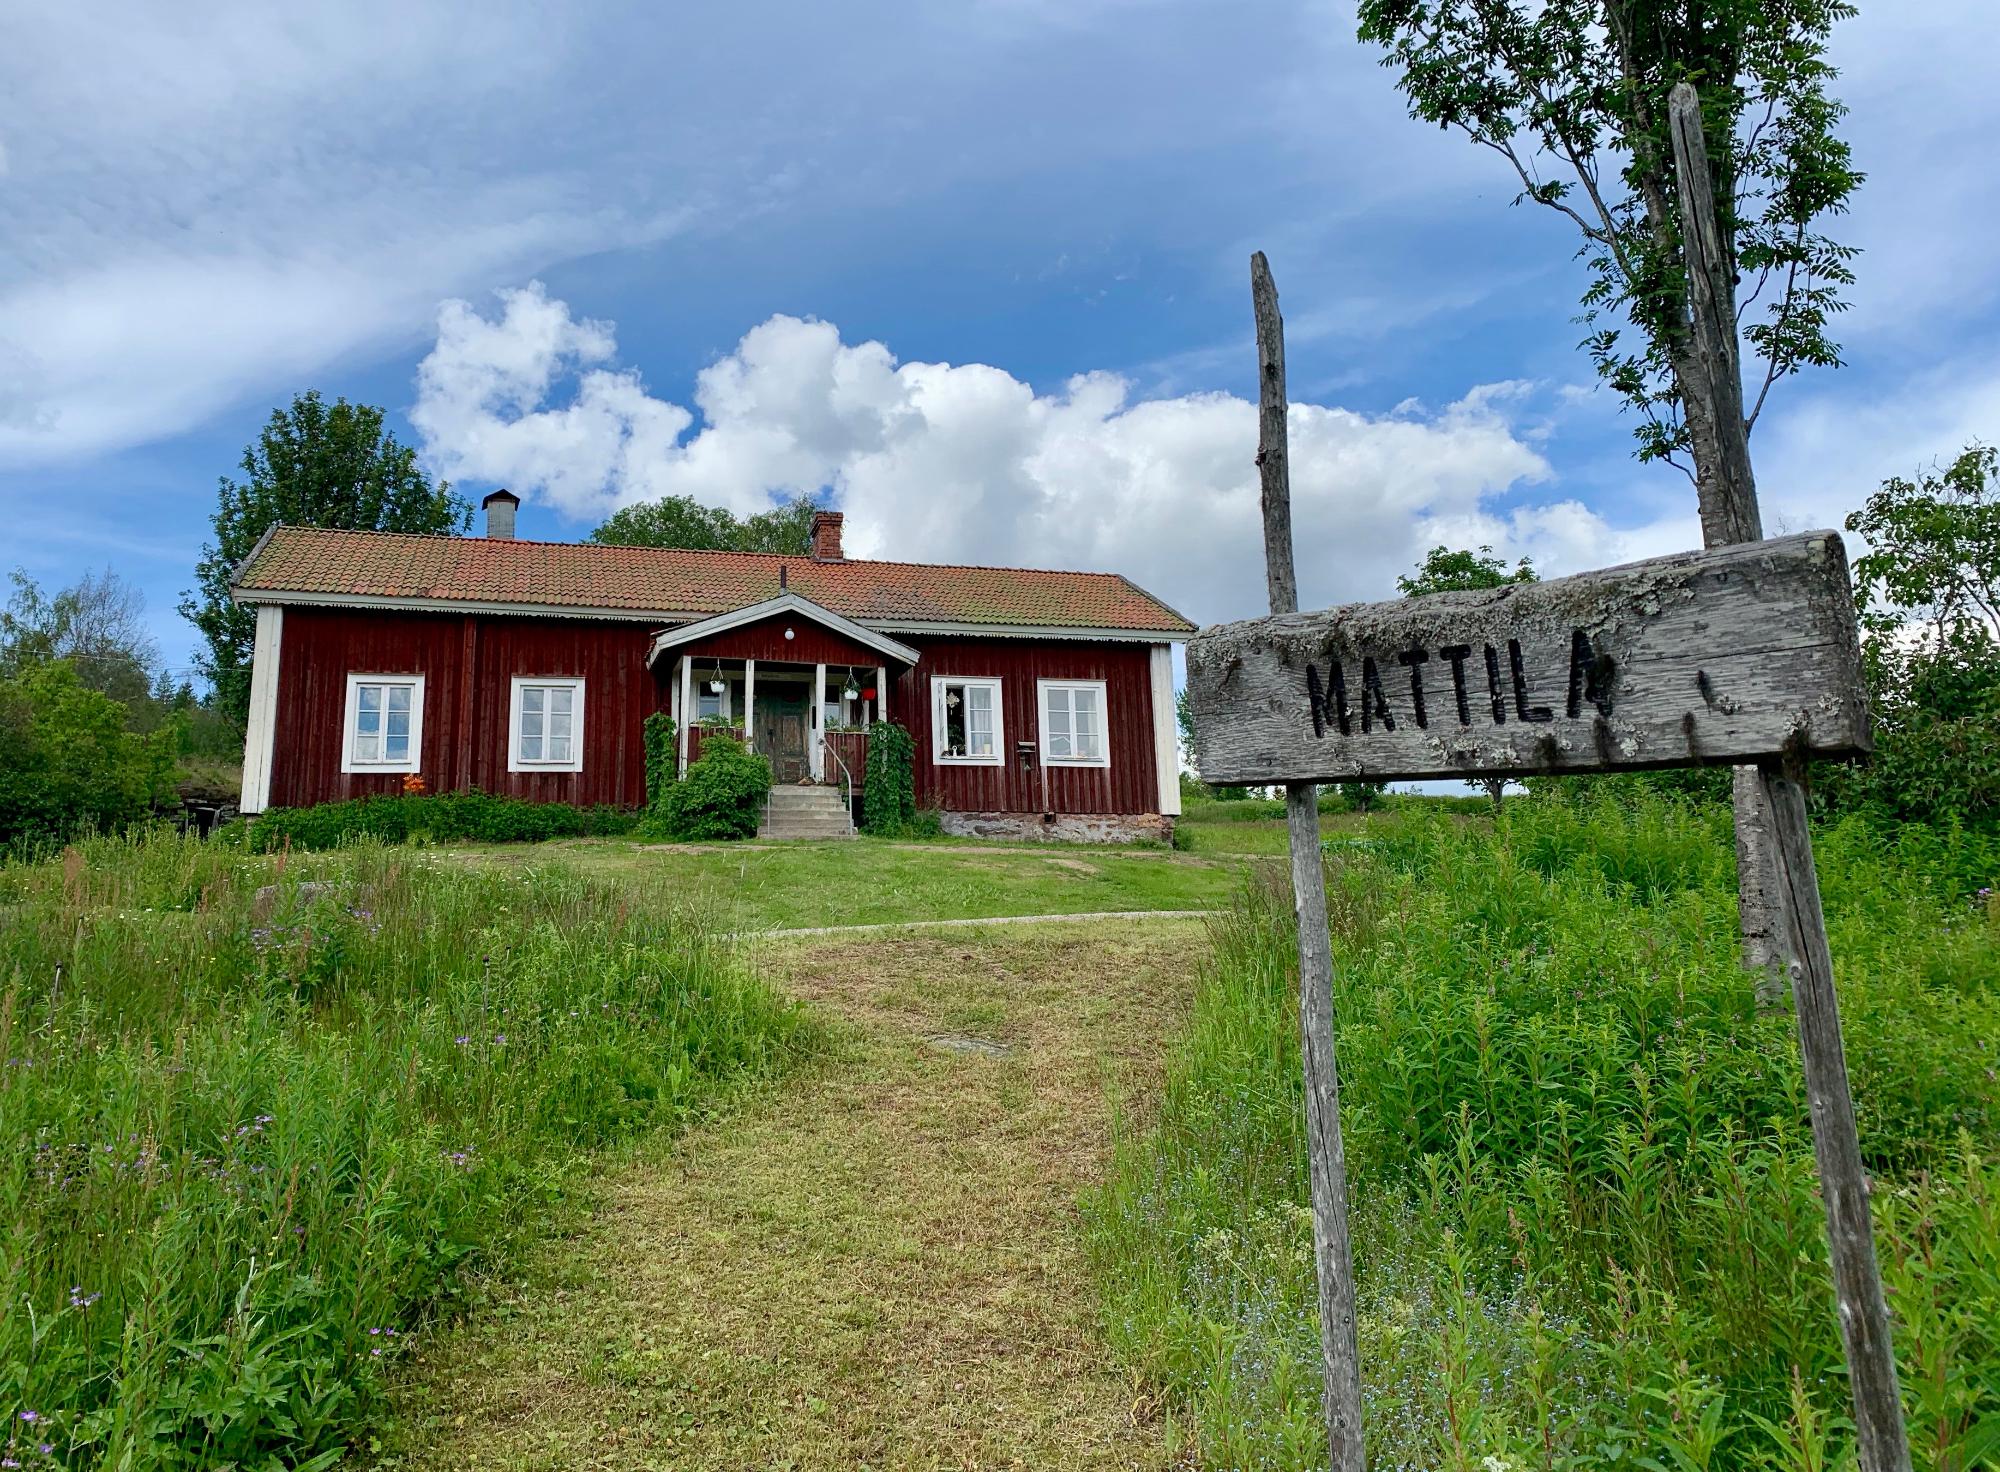 """Ett rött hus med en gammal skylt """"Mattila"""""""